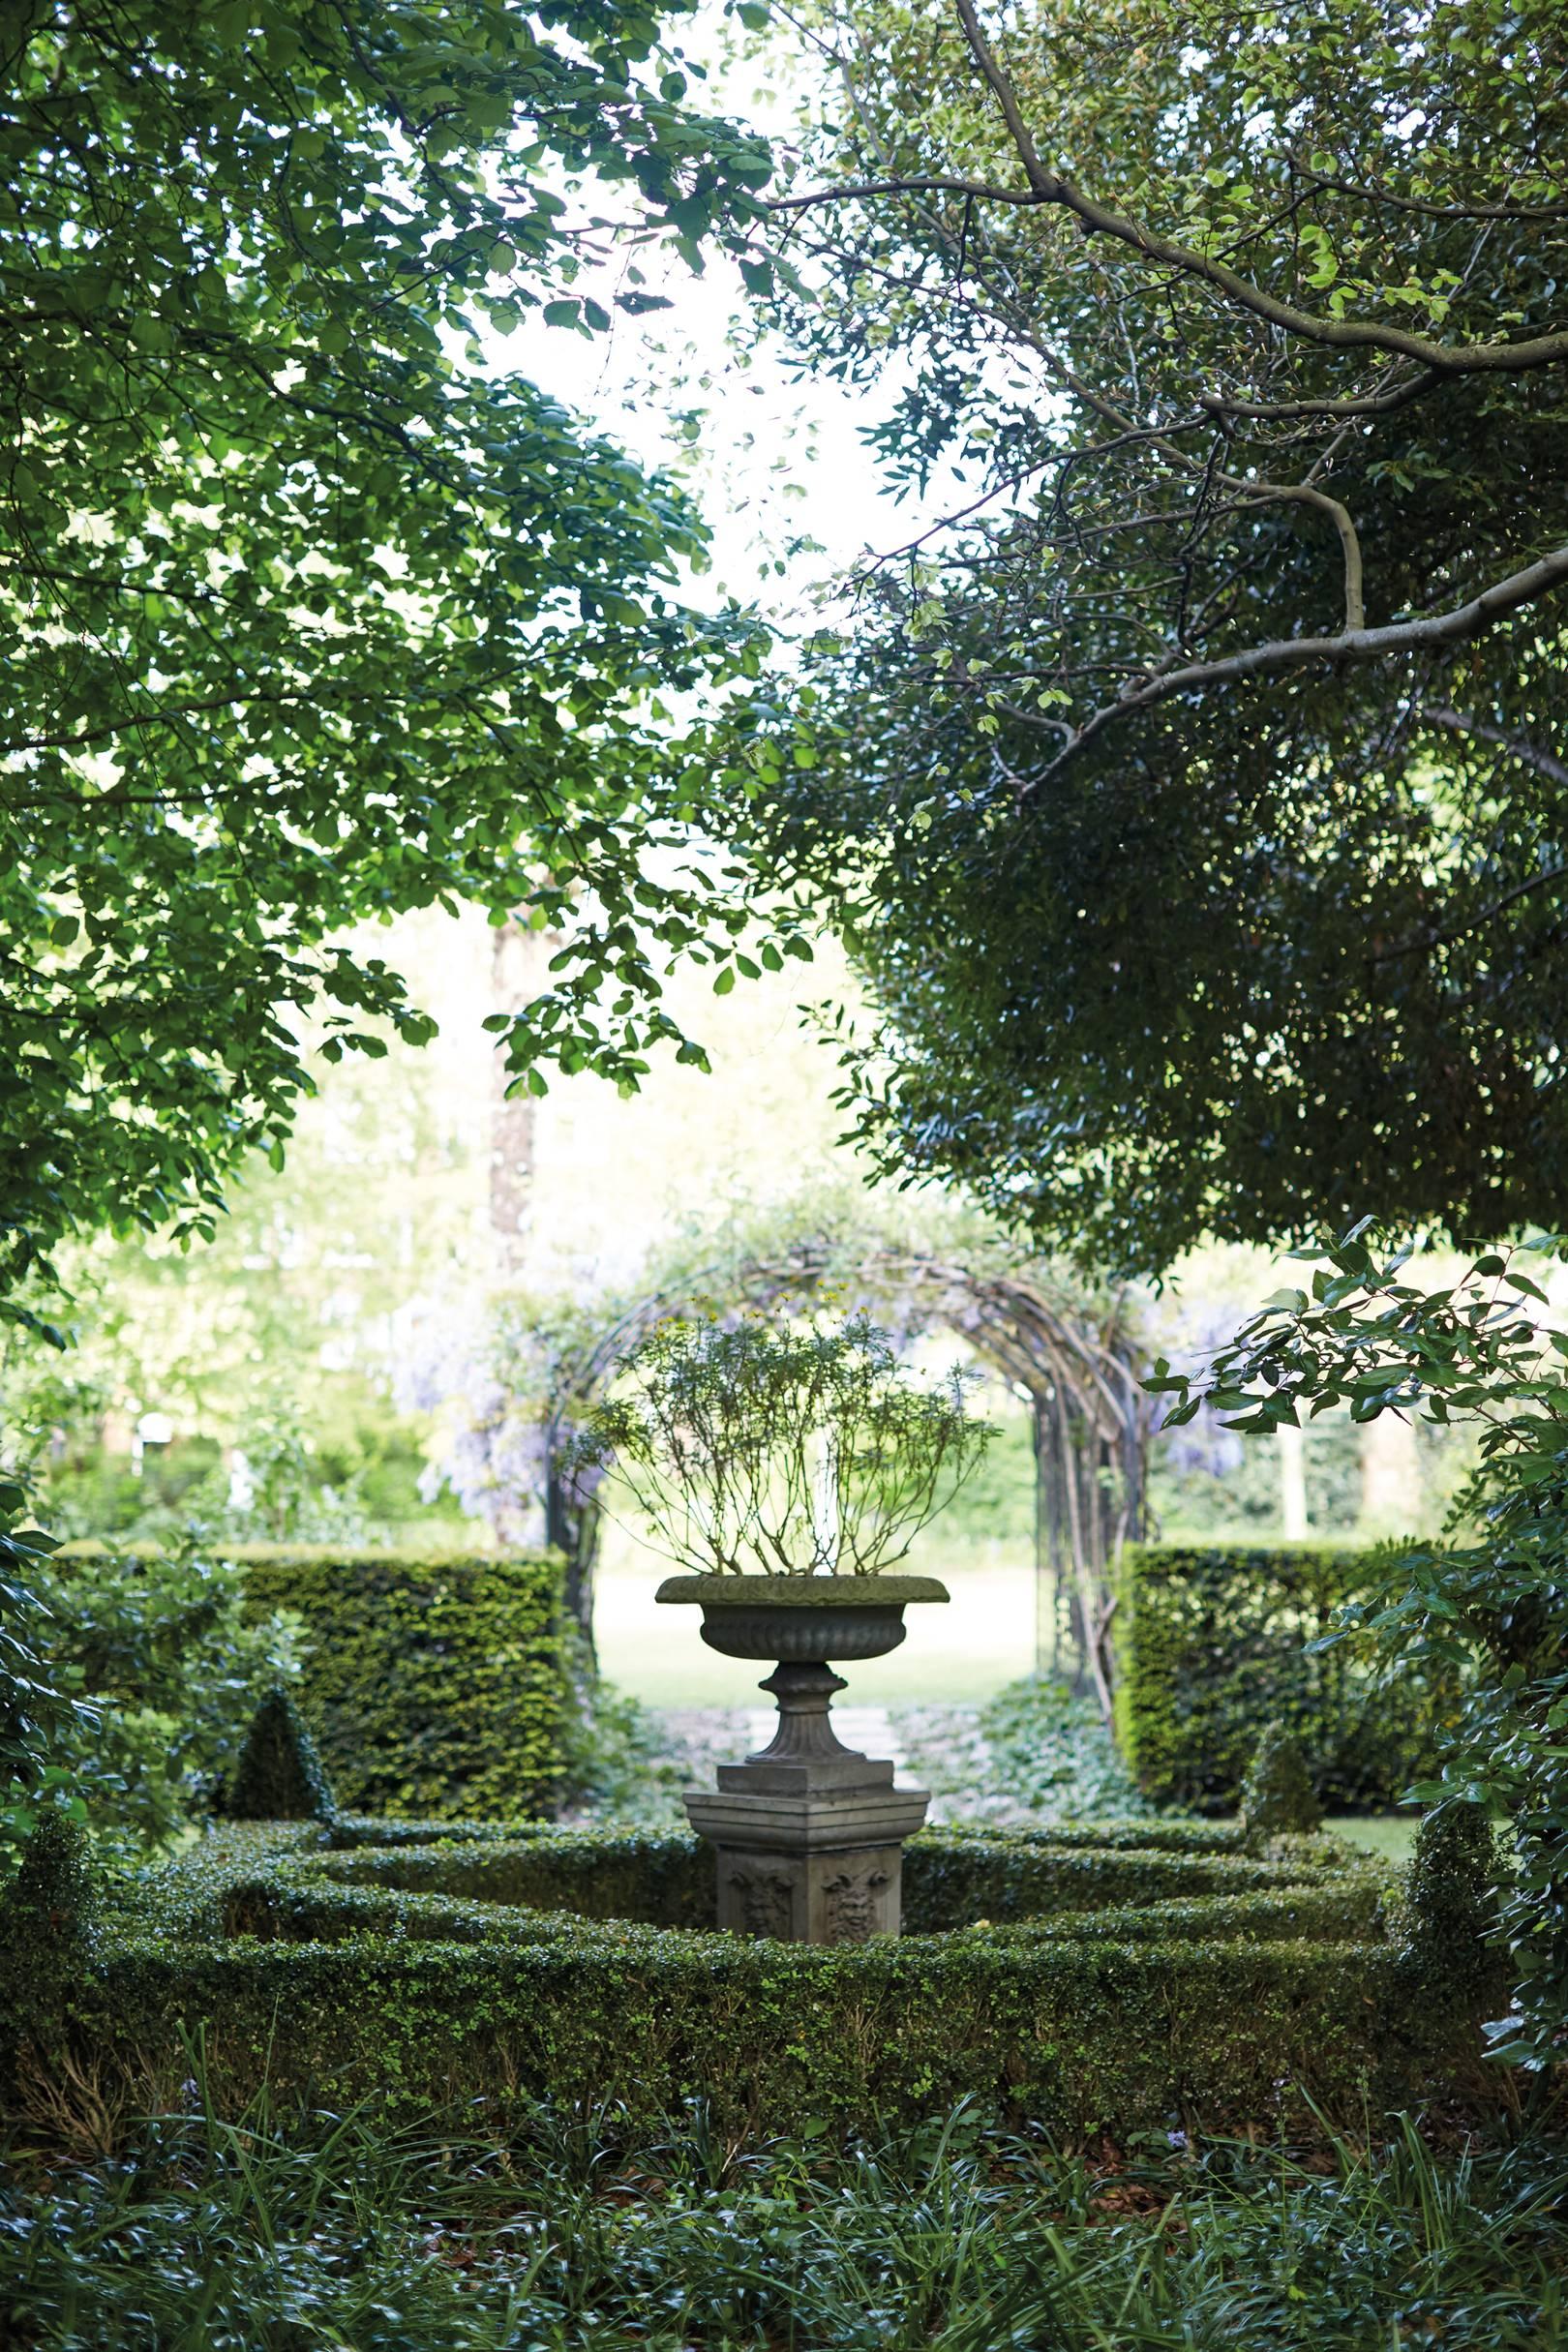 Belmond Cadogan hotel gardens